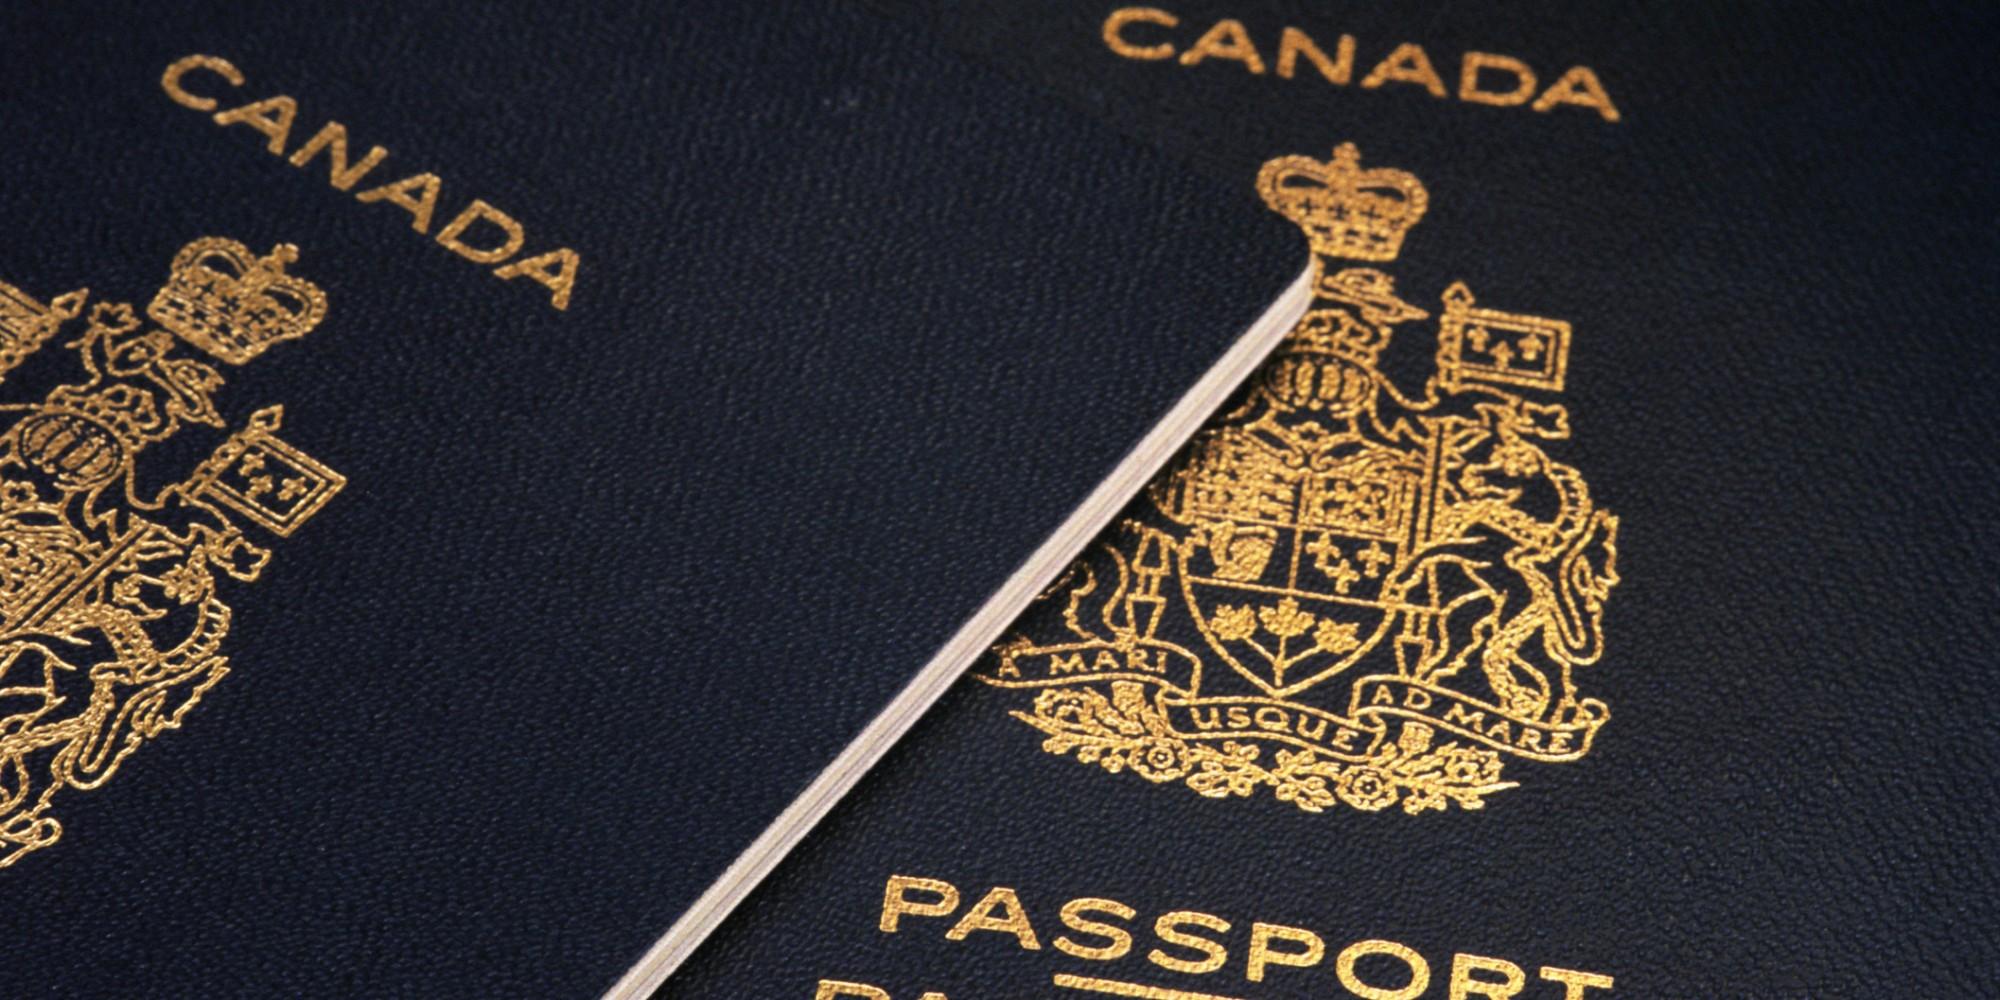 o-canadian-passport-facebook